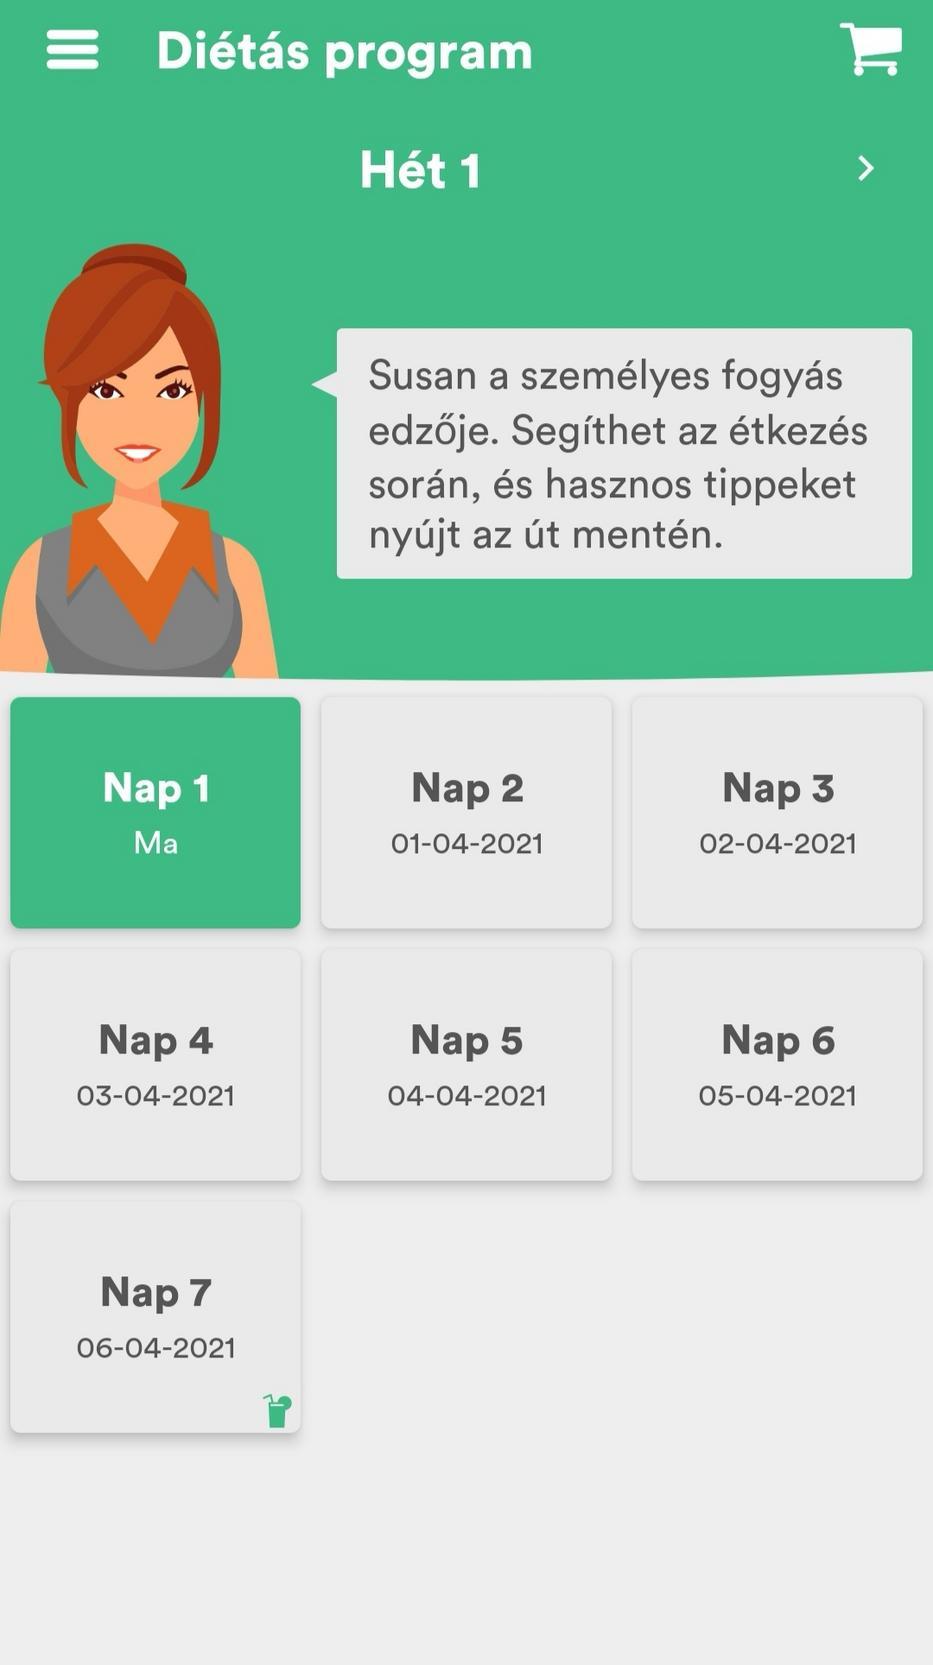 El entrenador húngaro de pérdida de peso está un poco roto, pero ofrece consejos de dieta y entrenamiento durante cinco semanas.